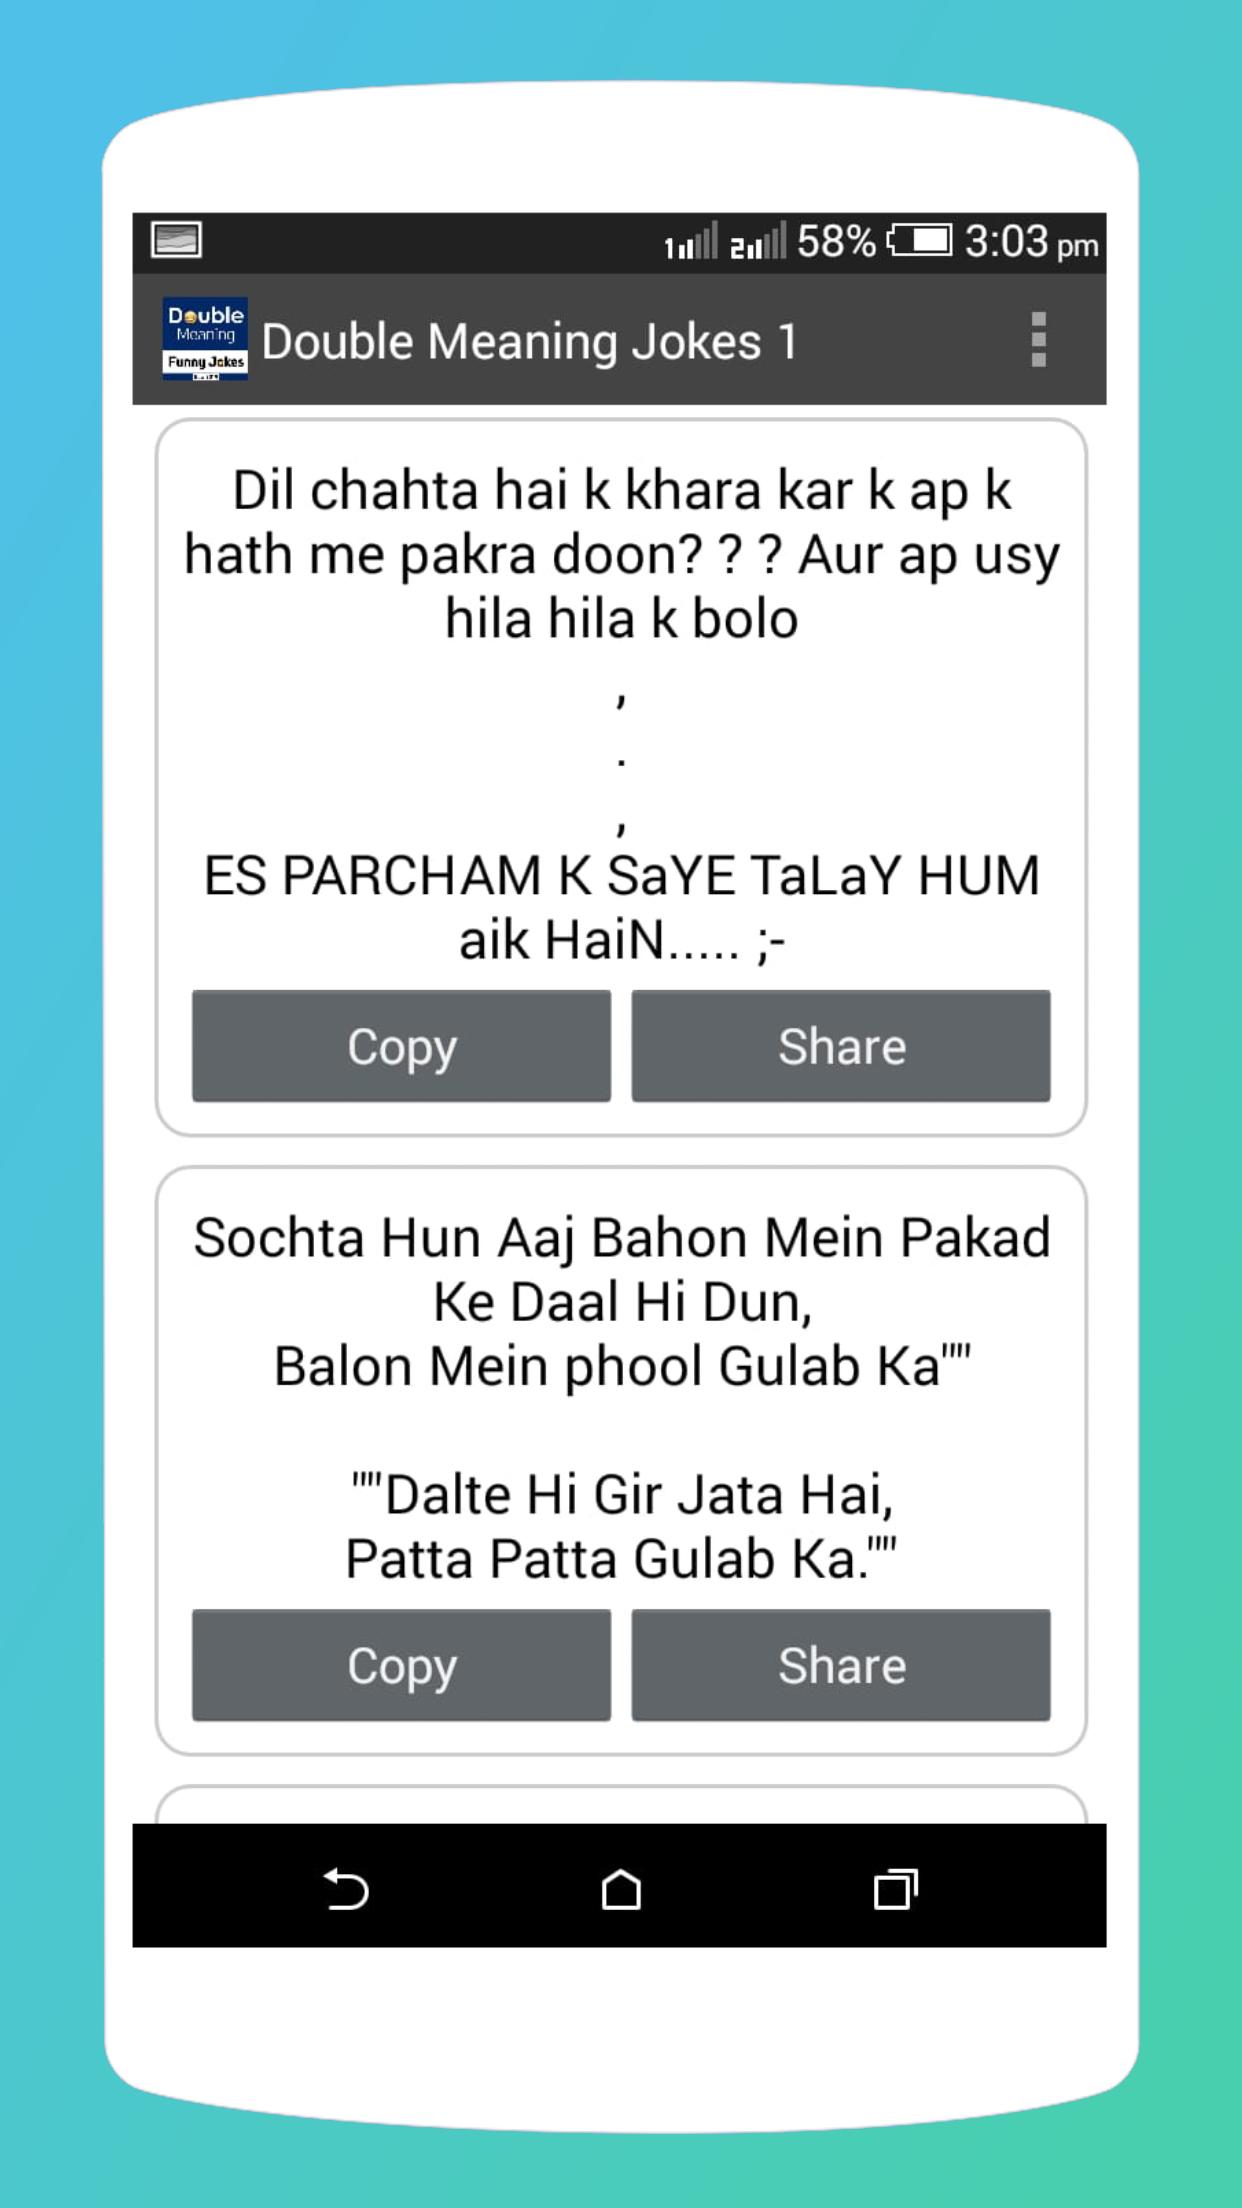 Free Funny Sms Jokes 2019 Urdu Jokes Sms 2019 Double Meaning Jokes In Urdu Double Meaning Jokes Sms Jokes Funny Sms Jokes Funny Jokes In Hindi